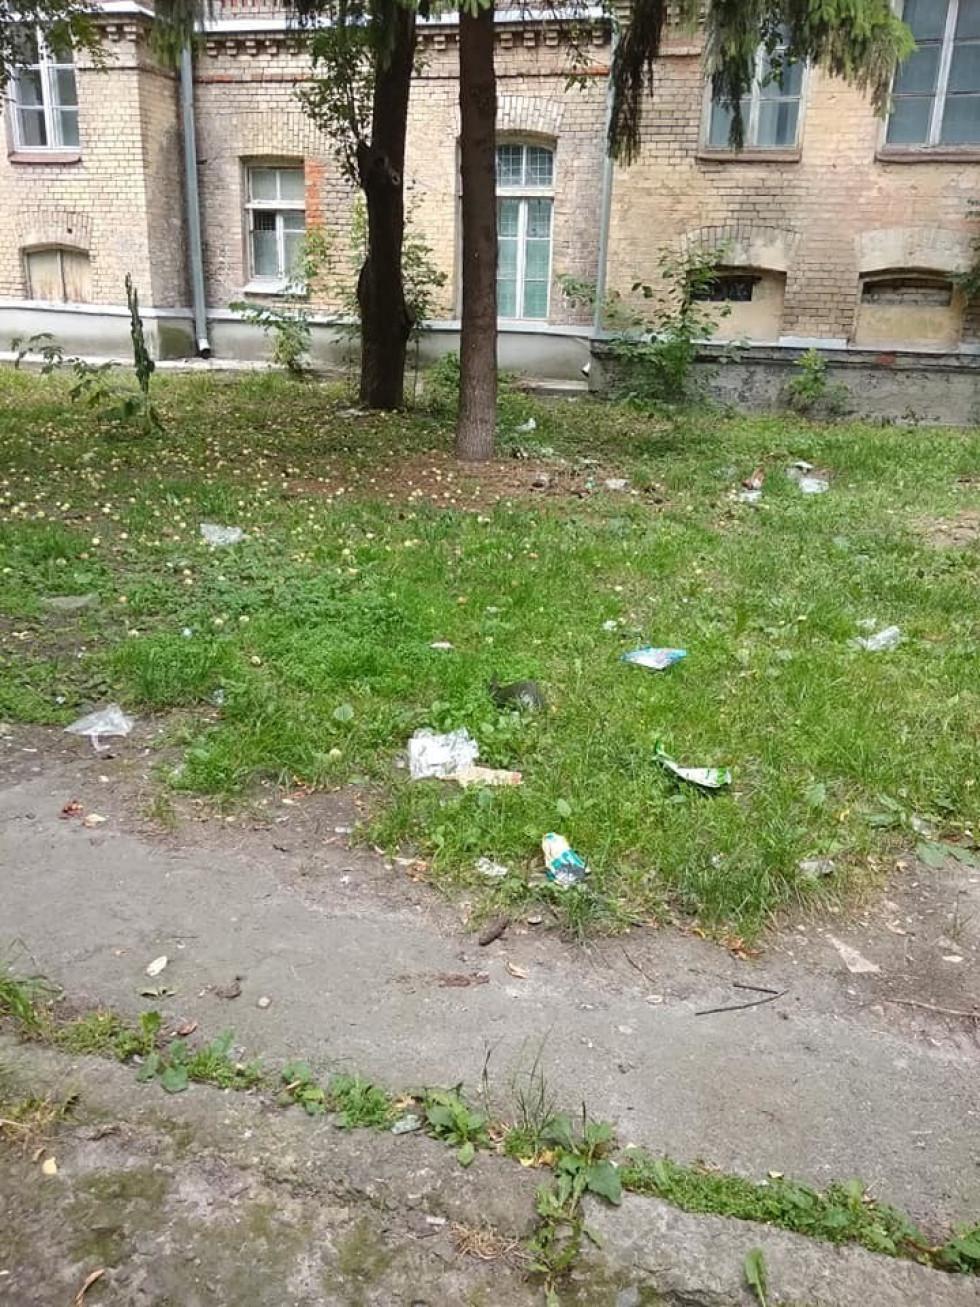 Папірці зі сміттям розкидані по всій зеленій зоні